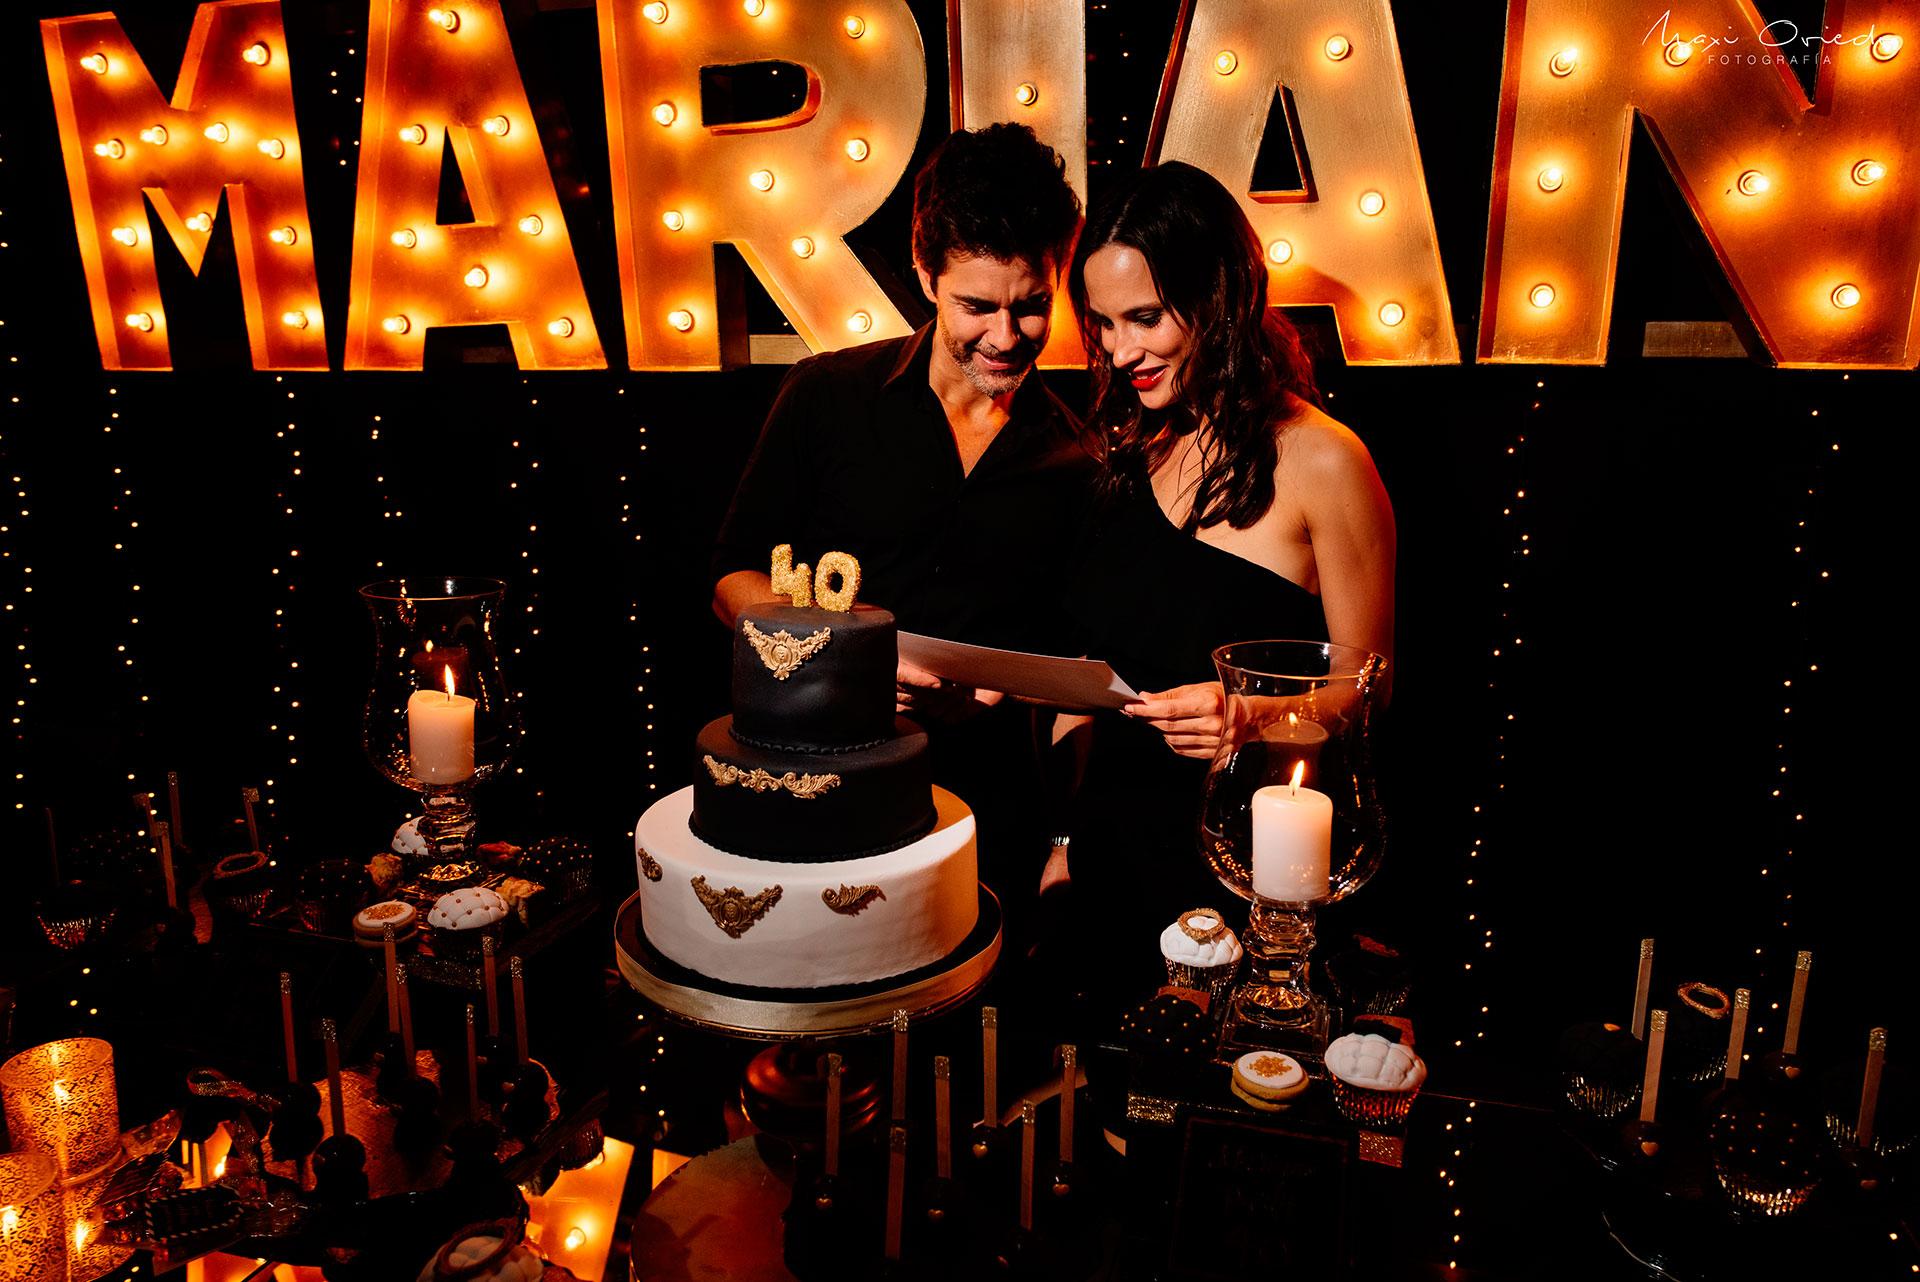 El actor junto a su novia.